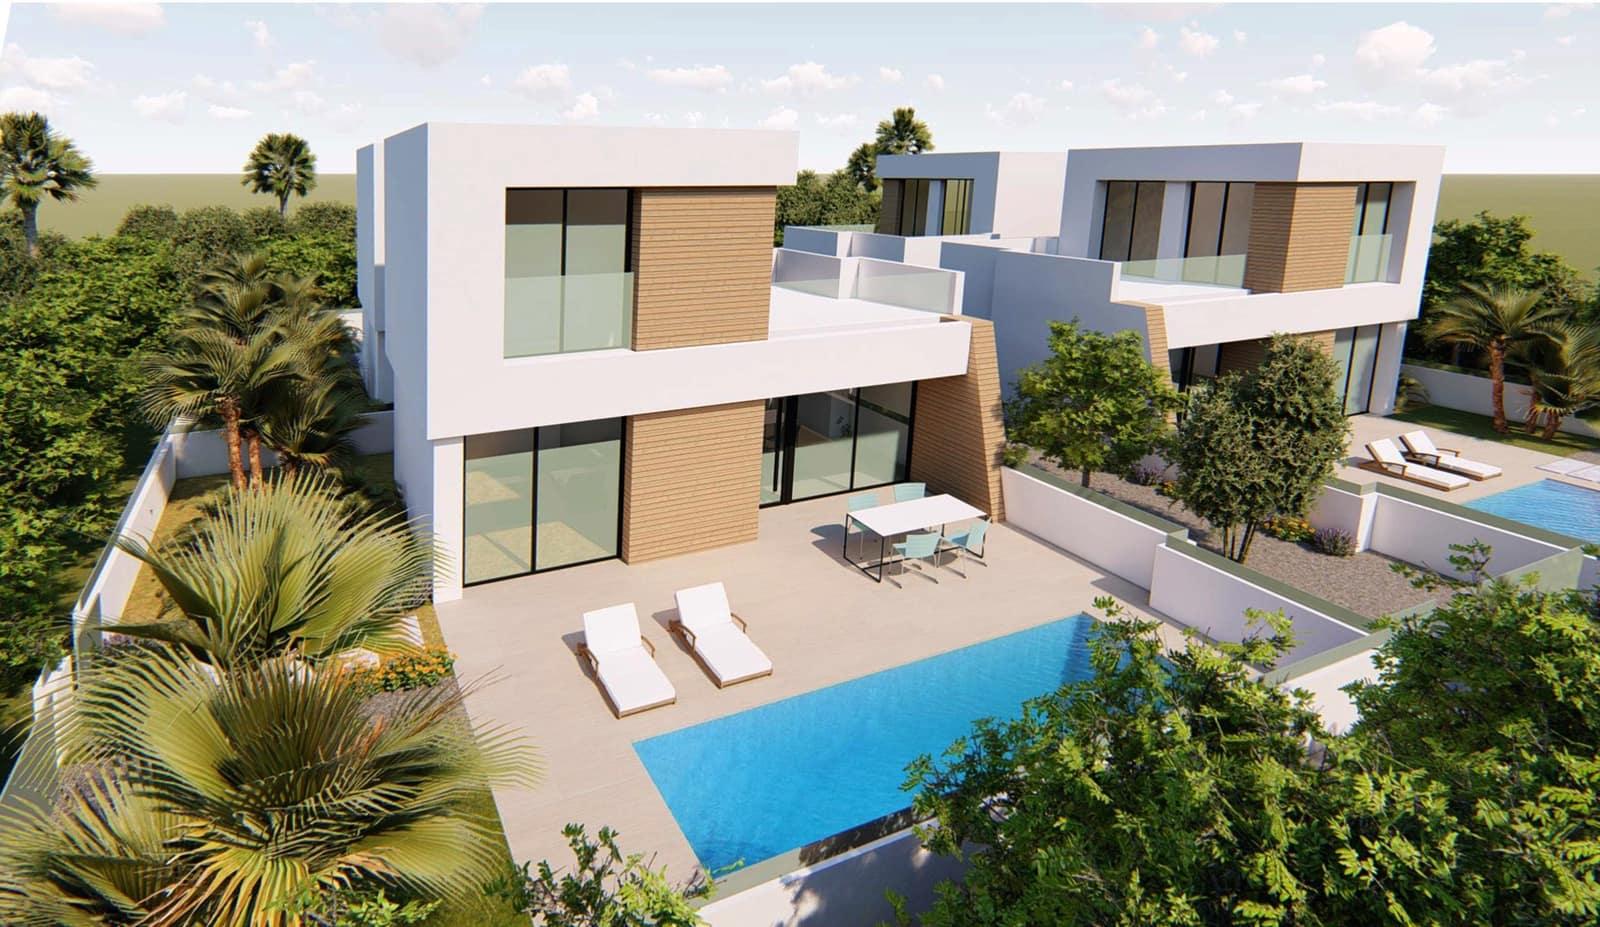 Chalet de 3 habitaciones en Benijófar en venta con piscina garaje - 259.900 € (Ref: 4377298)